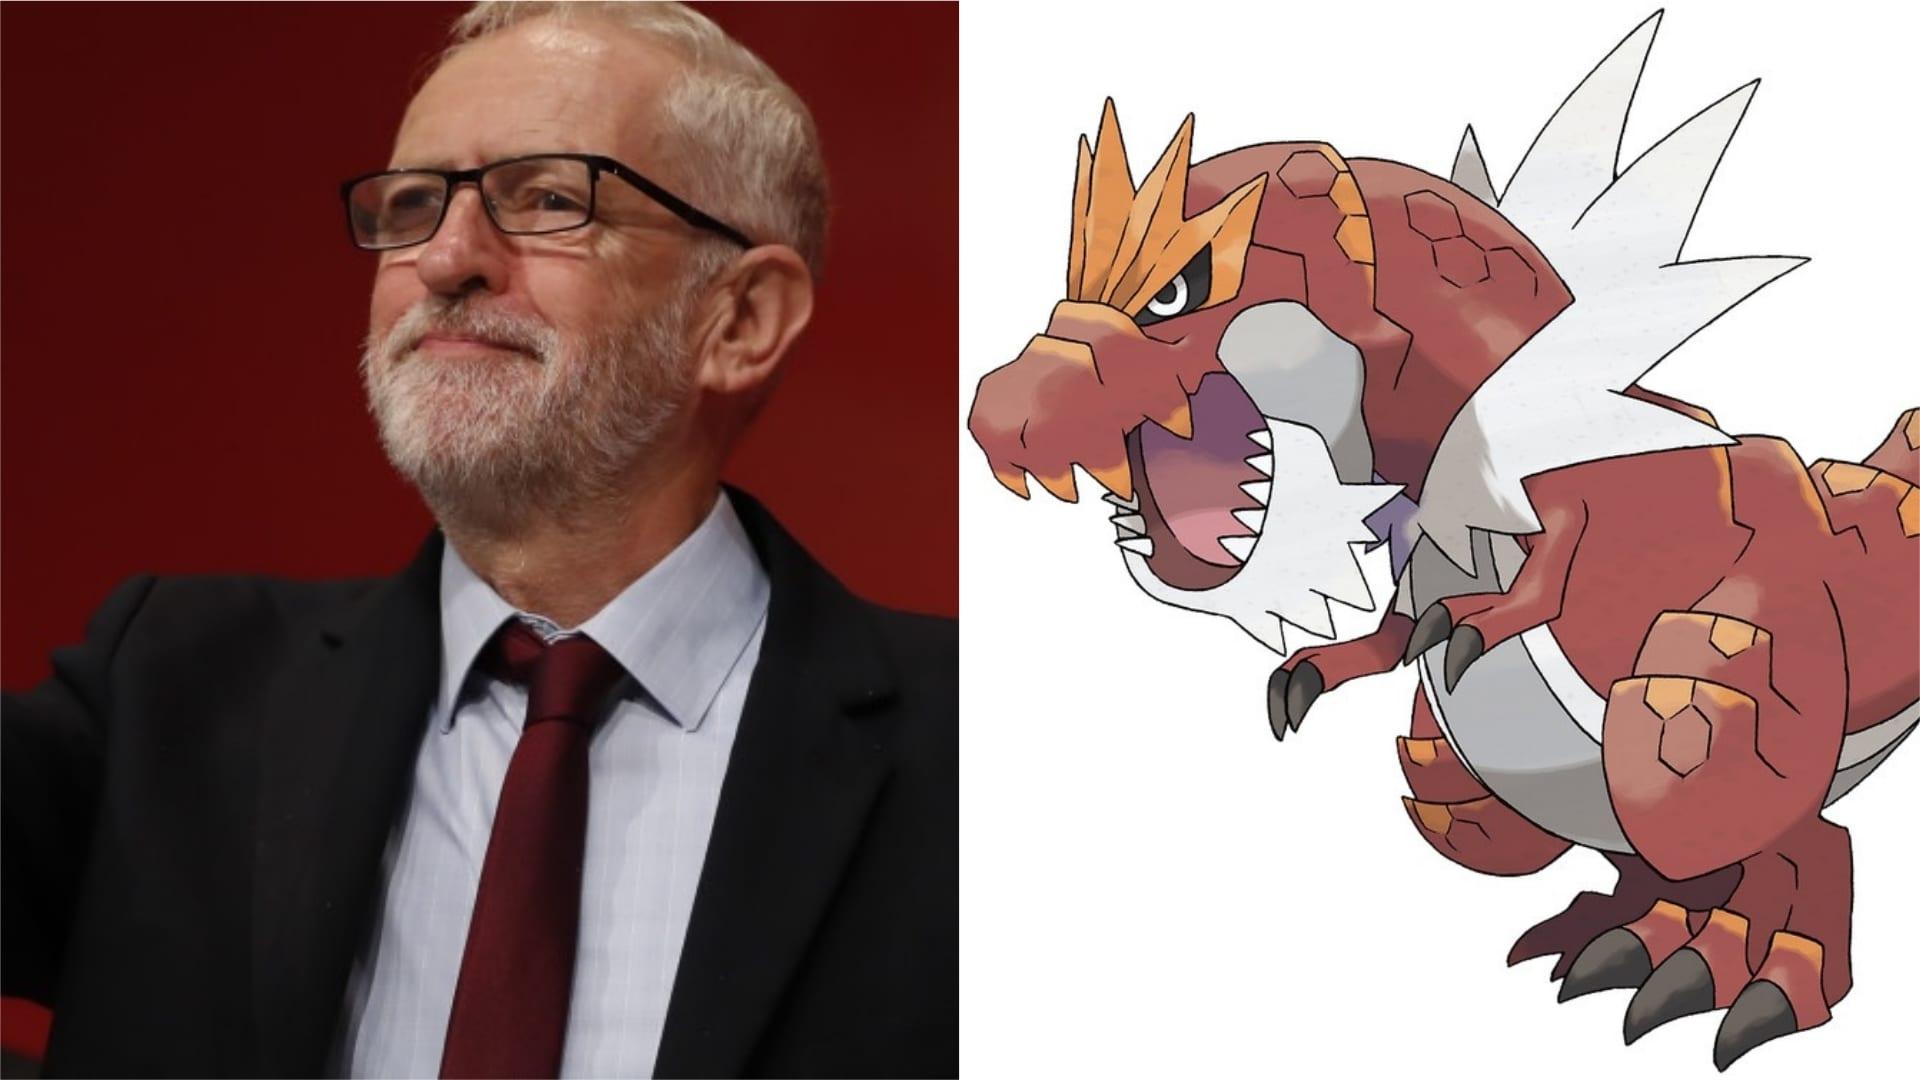 A los políticos británicos les gusta Pokémon porque las elecciones generales son demasiado deprimentes